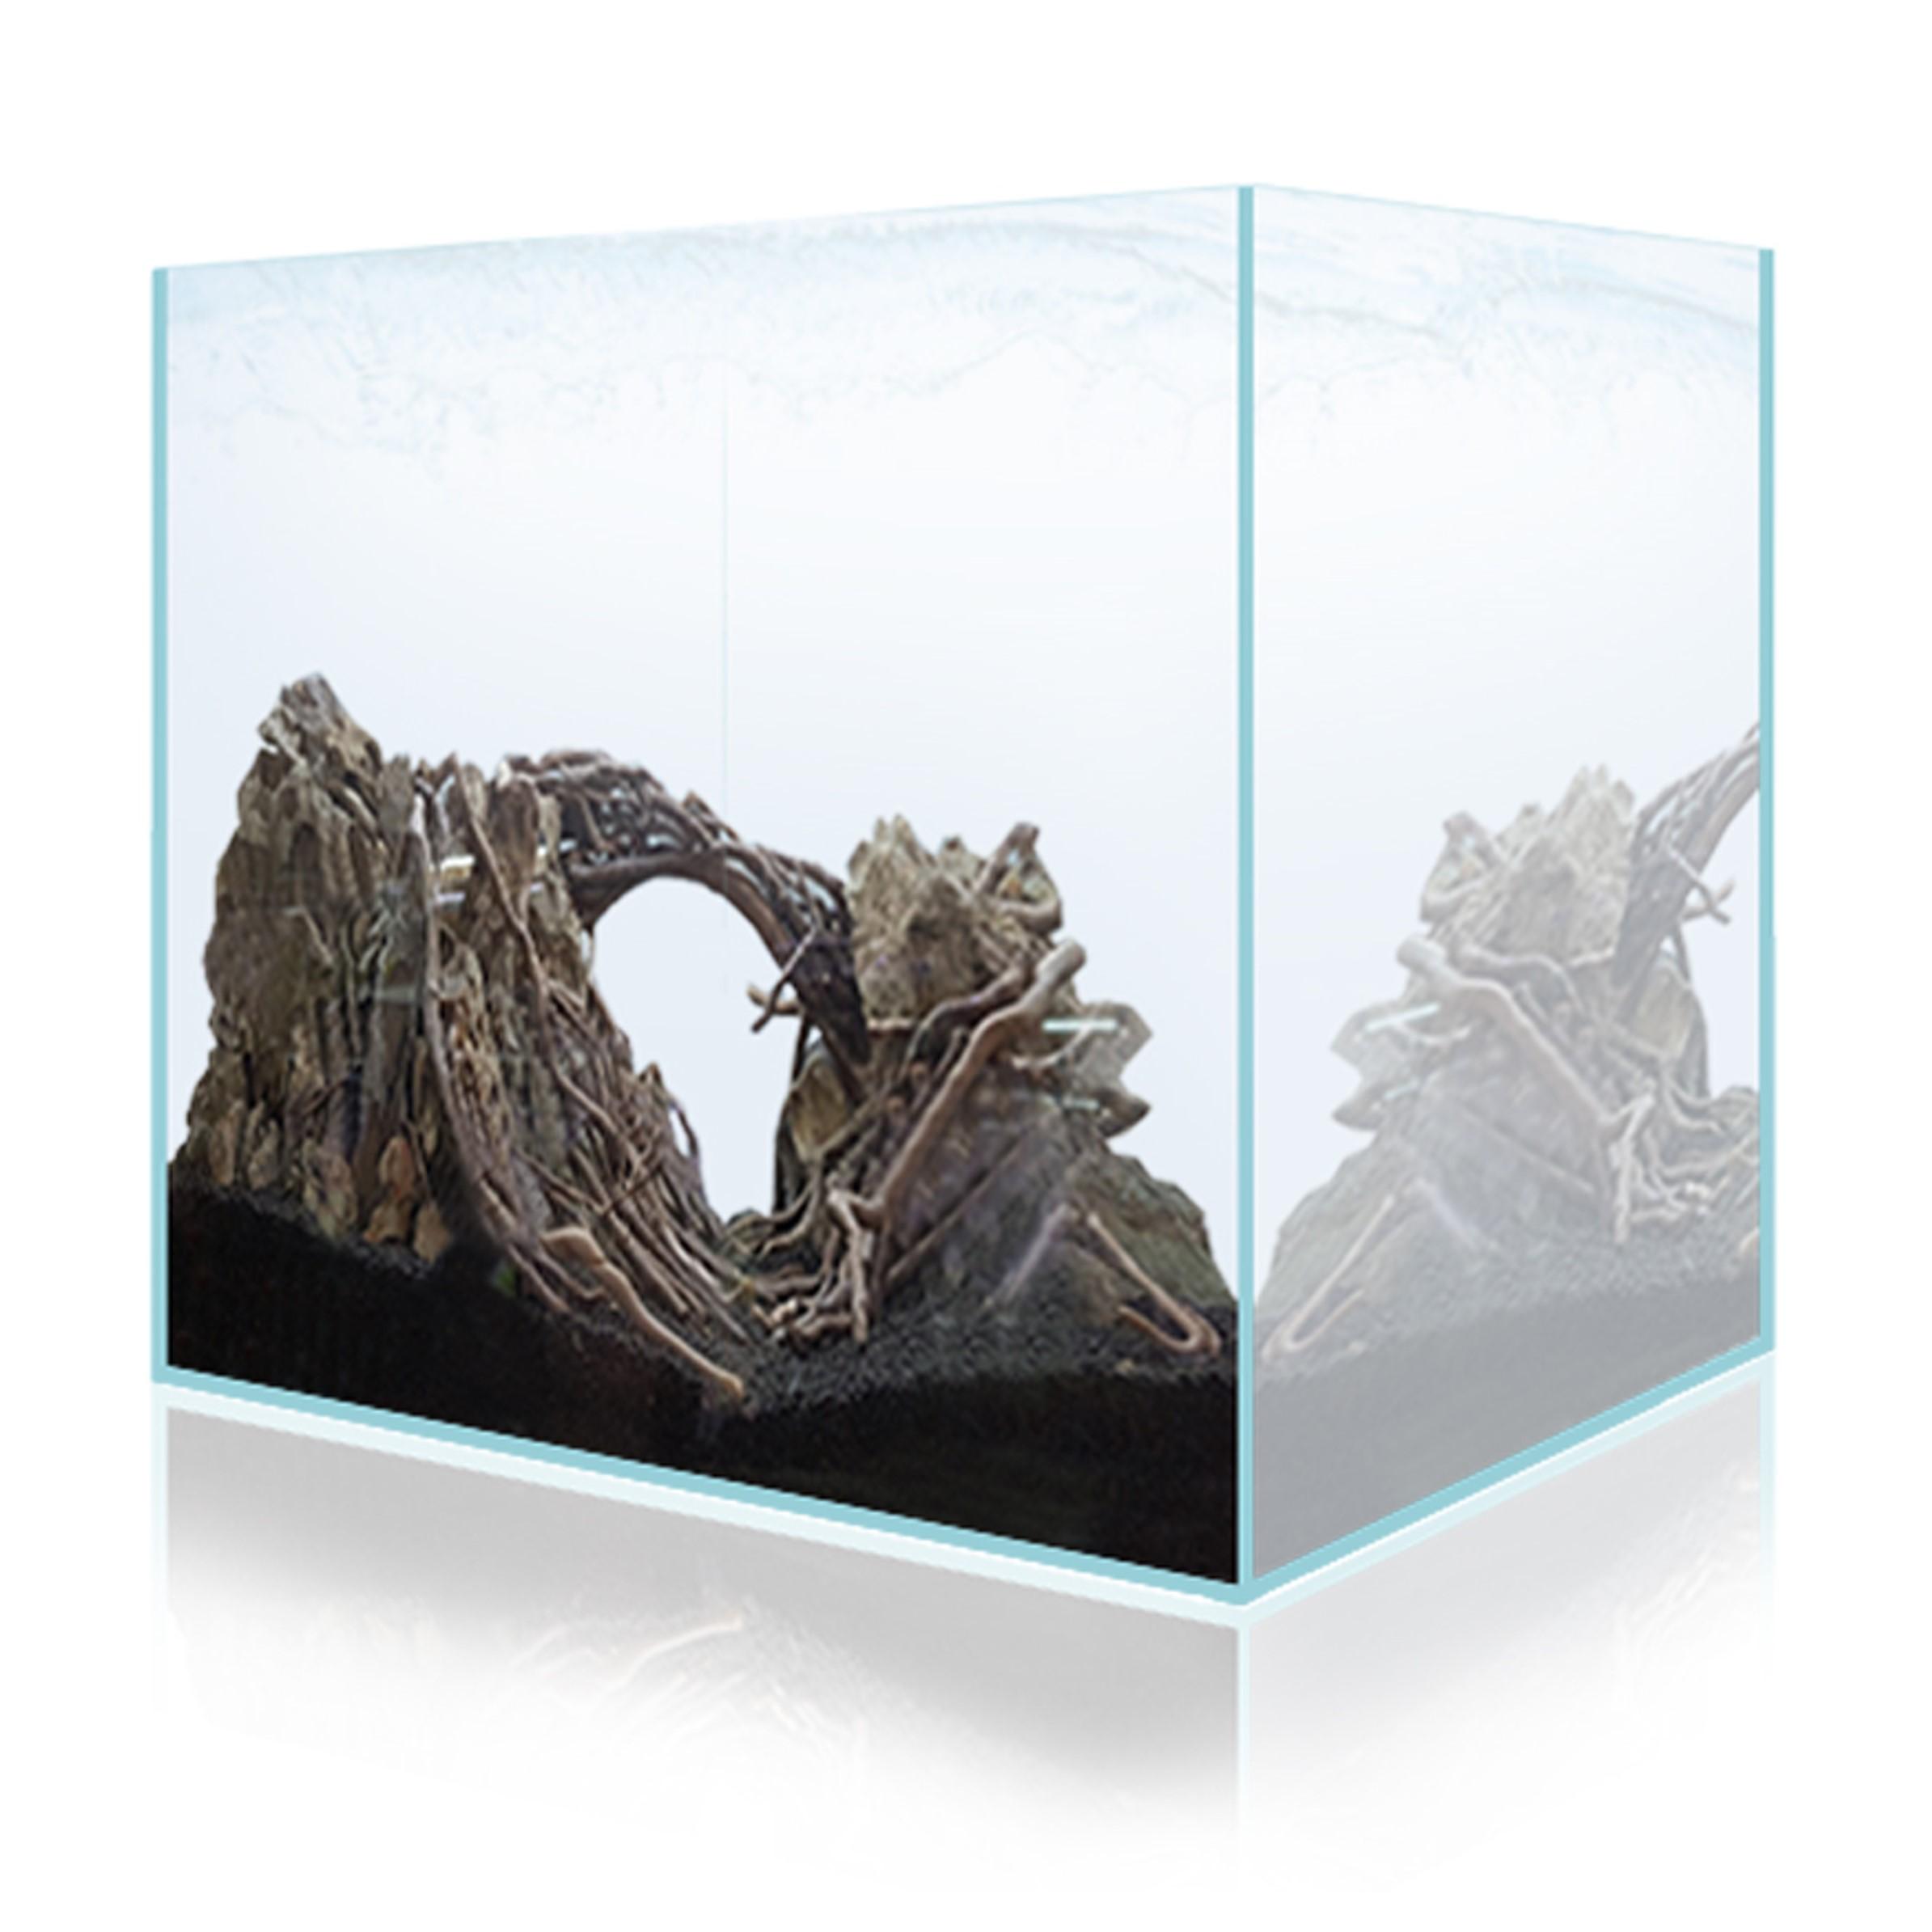 칸후 고퀄리티 올디아망 초백 유리어항 30HQ 31L + 얇은 매트, 혼합색상